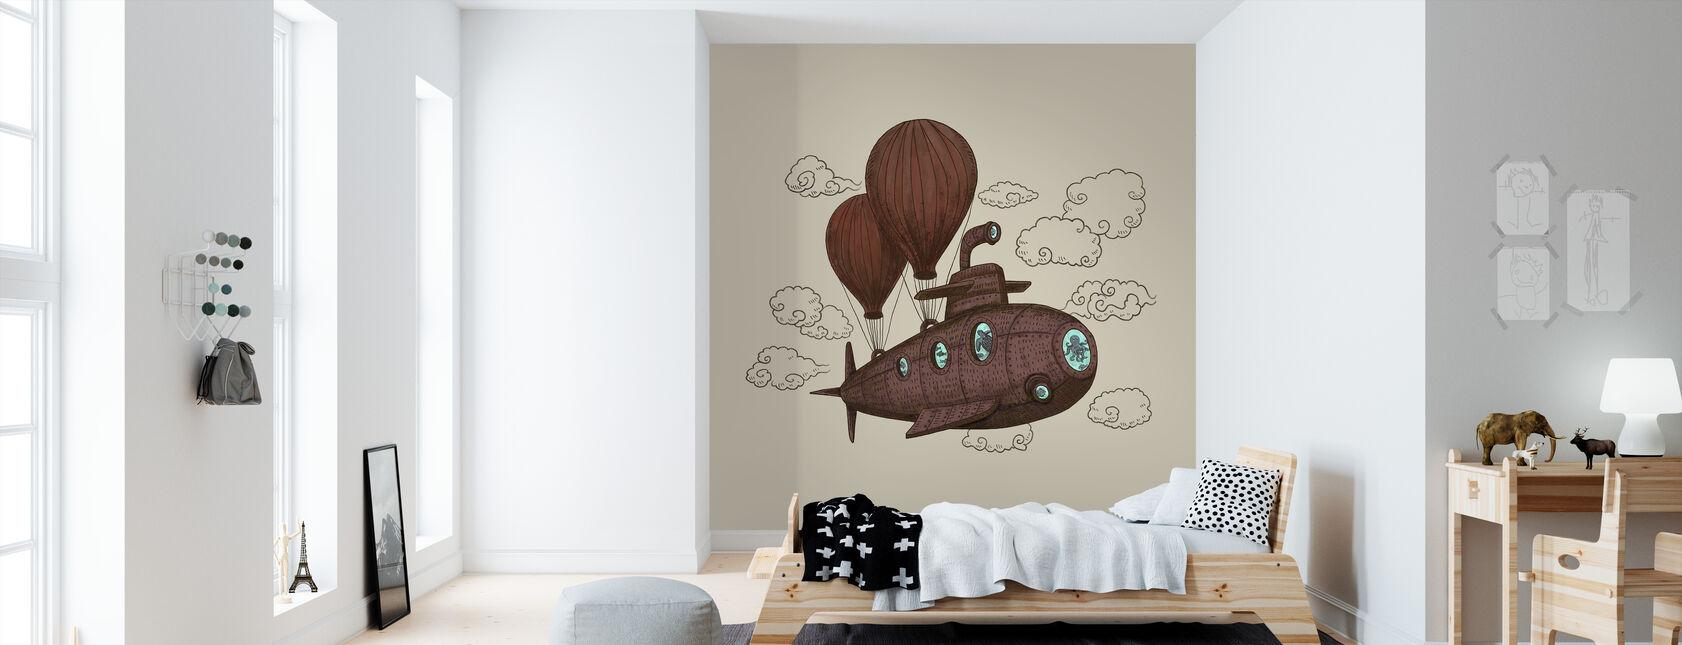 Voyage fantastique - Papier peint - Chambre des enfants